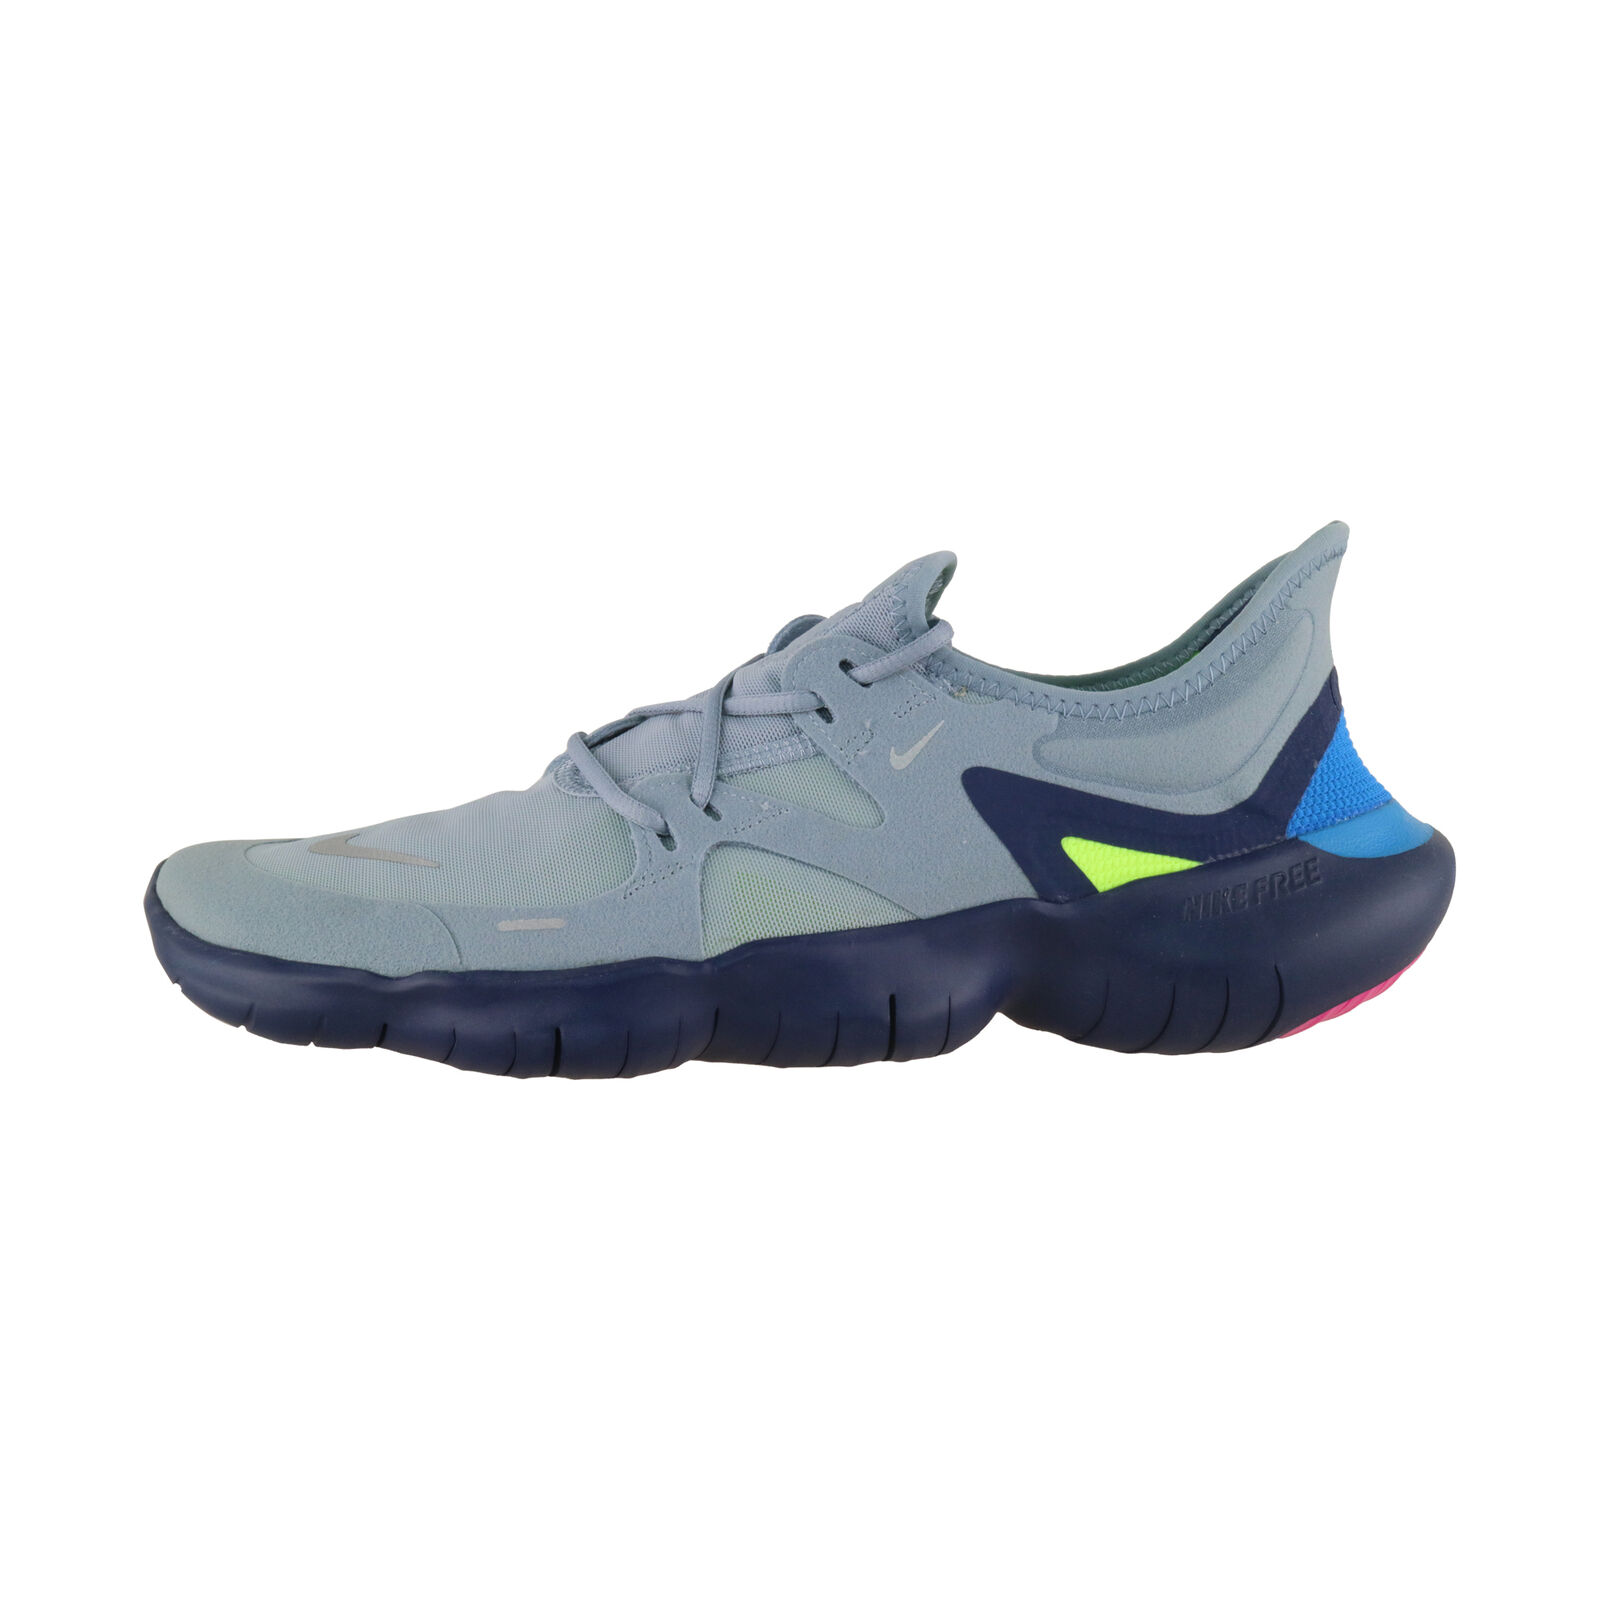 Détails sur Nike Free Rn 5.0 Gris Homme Bleu Loisir et Trainingsschuh AQ1289 400